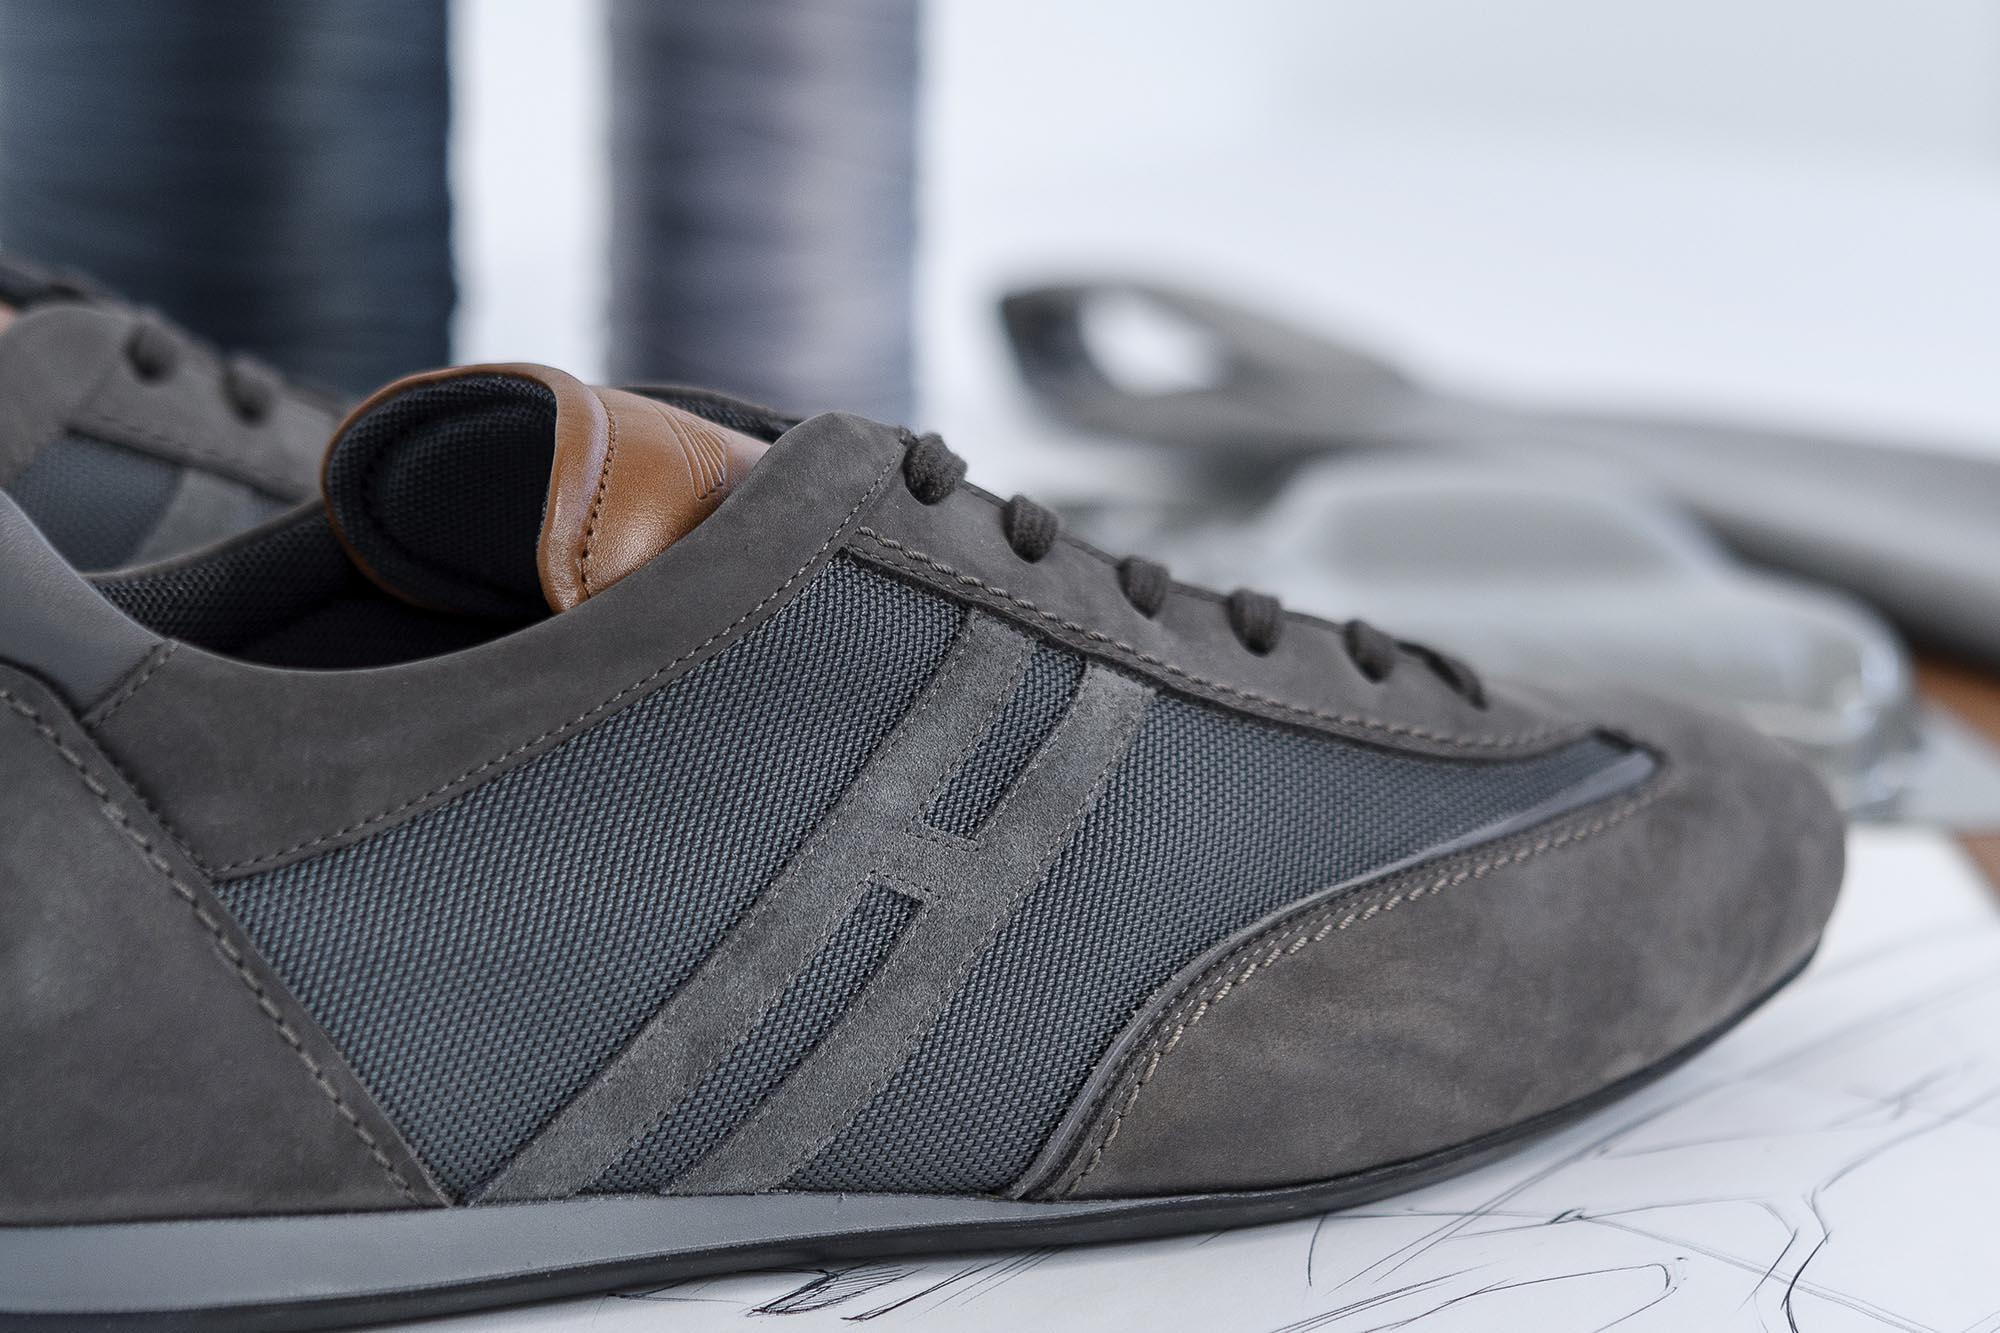 19006a2ff8 Elsőre átlagos sportcipőnek tűnik, amit a Hogan készített, de jobban  megnézve a részleteket feltűnhet, hogy ez bizony egy Aston Martin-cipő.